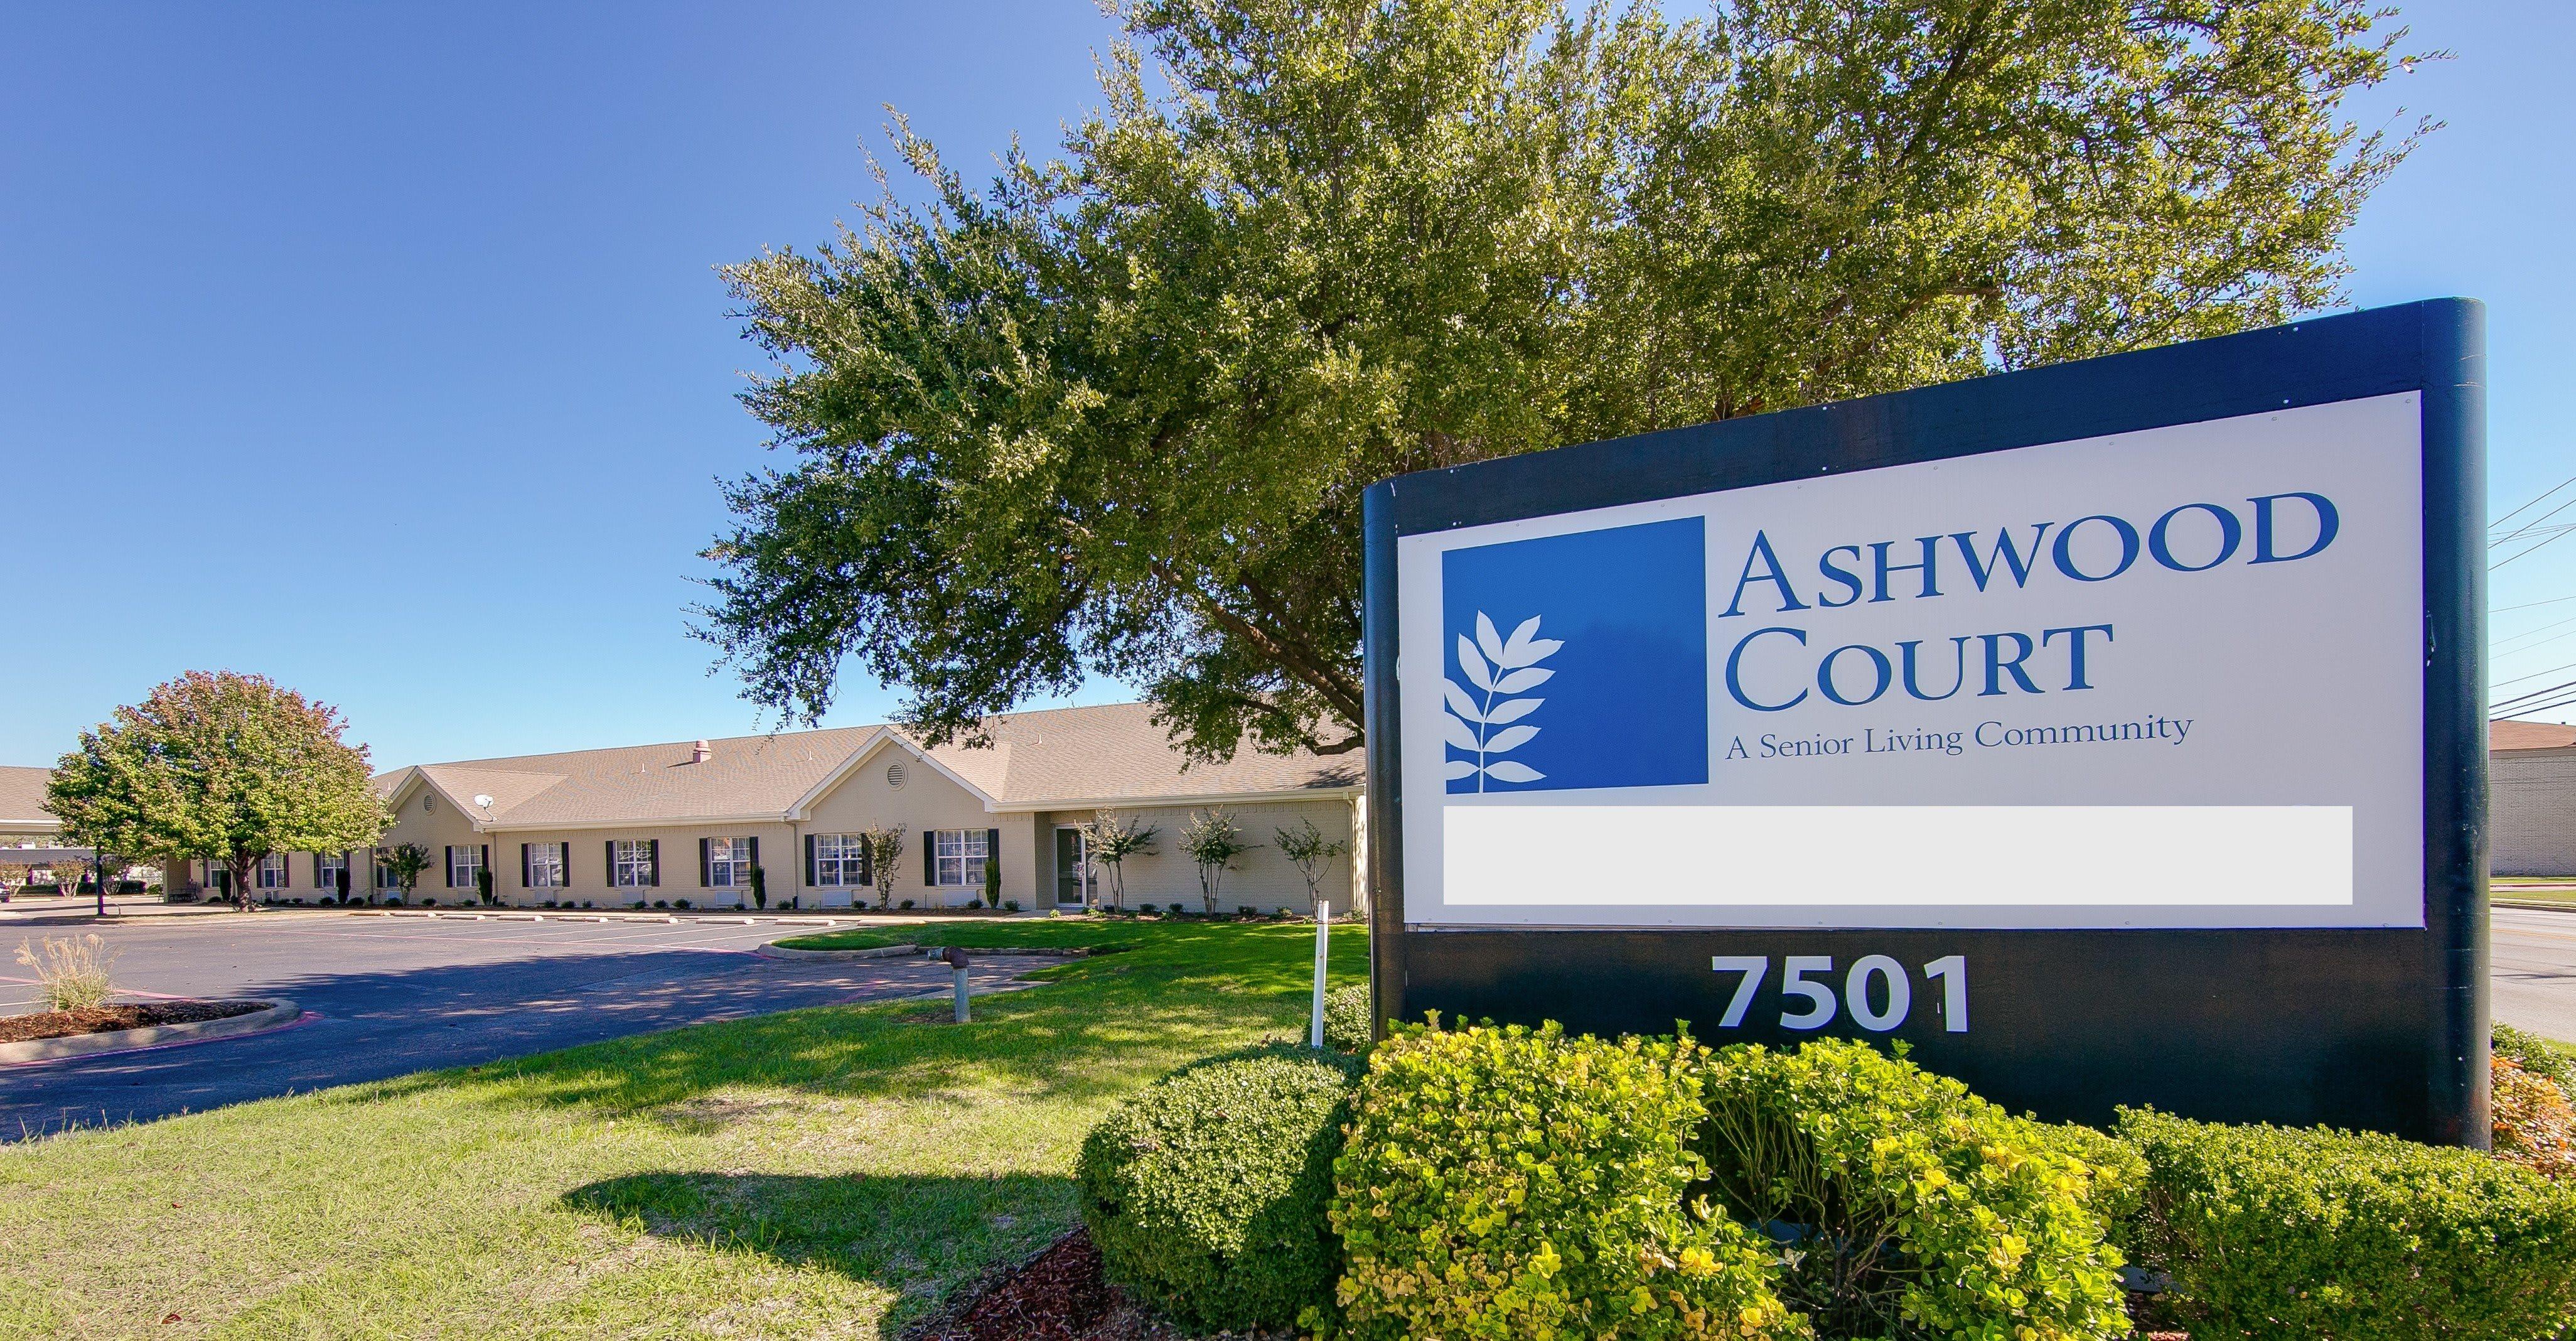 Photo 1 of Ashwood Court